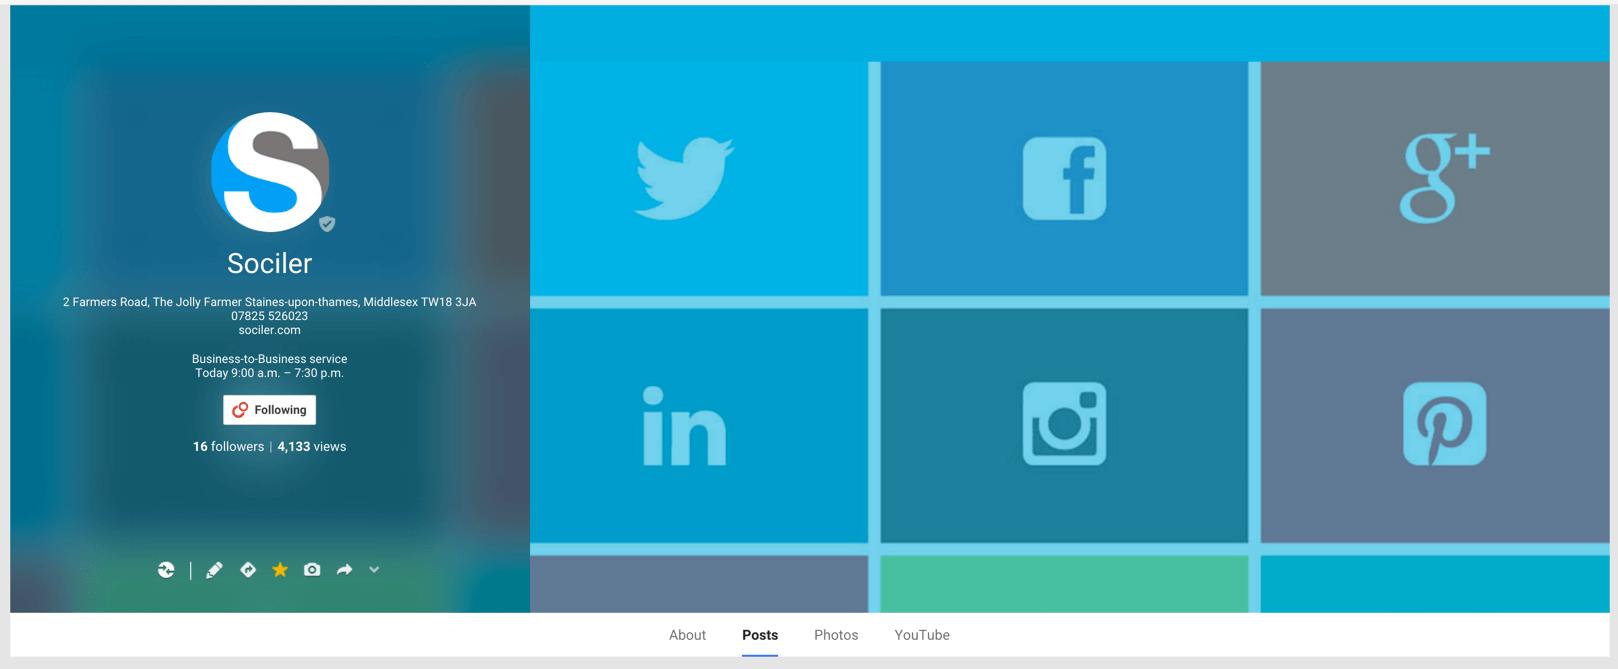 Sociler Social Media Google Plus Page